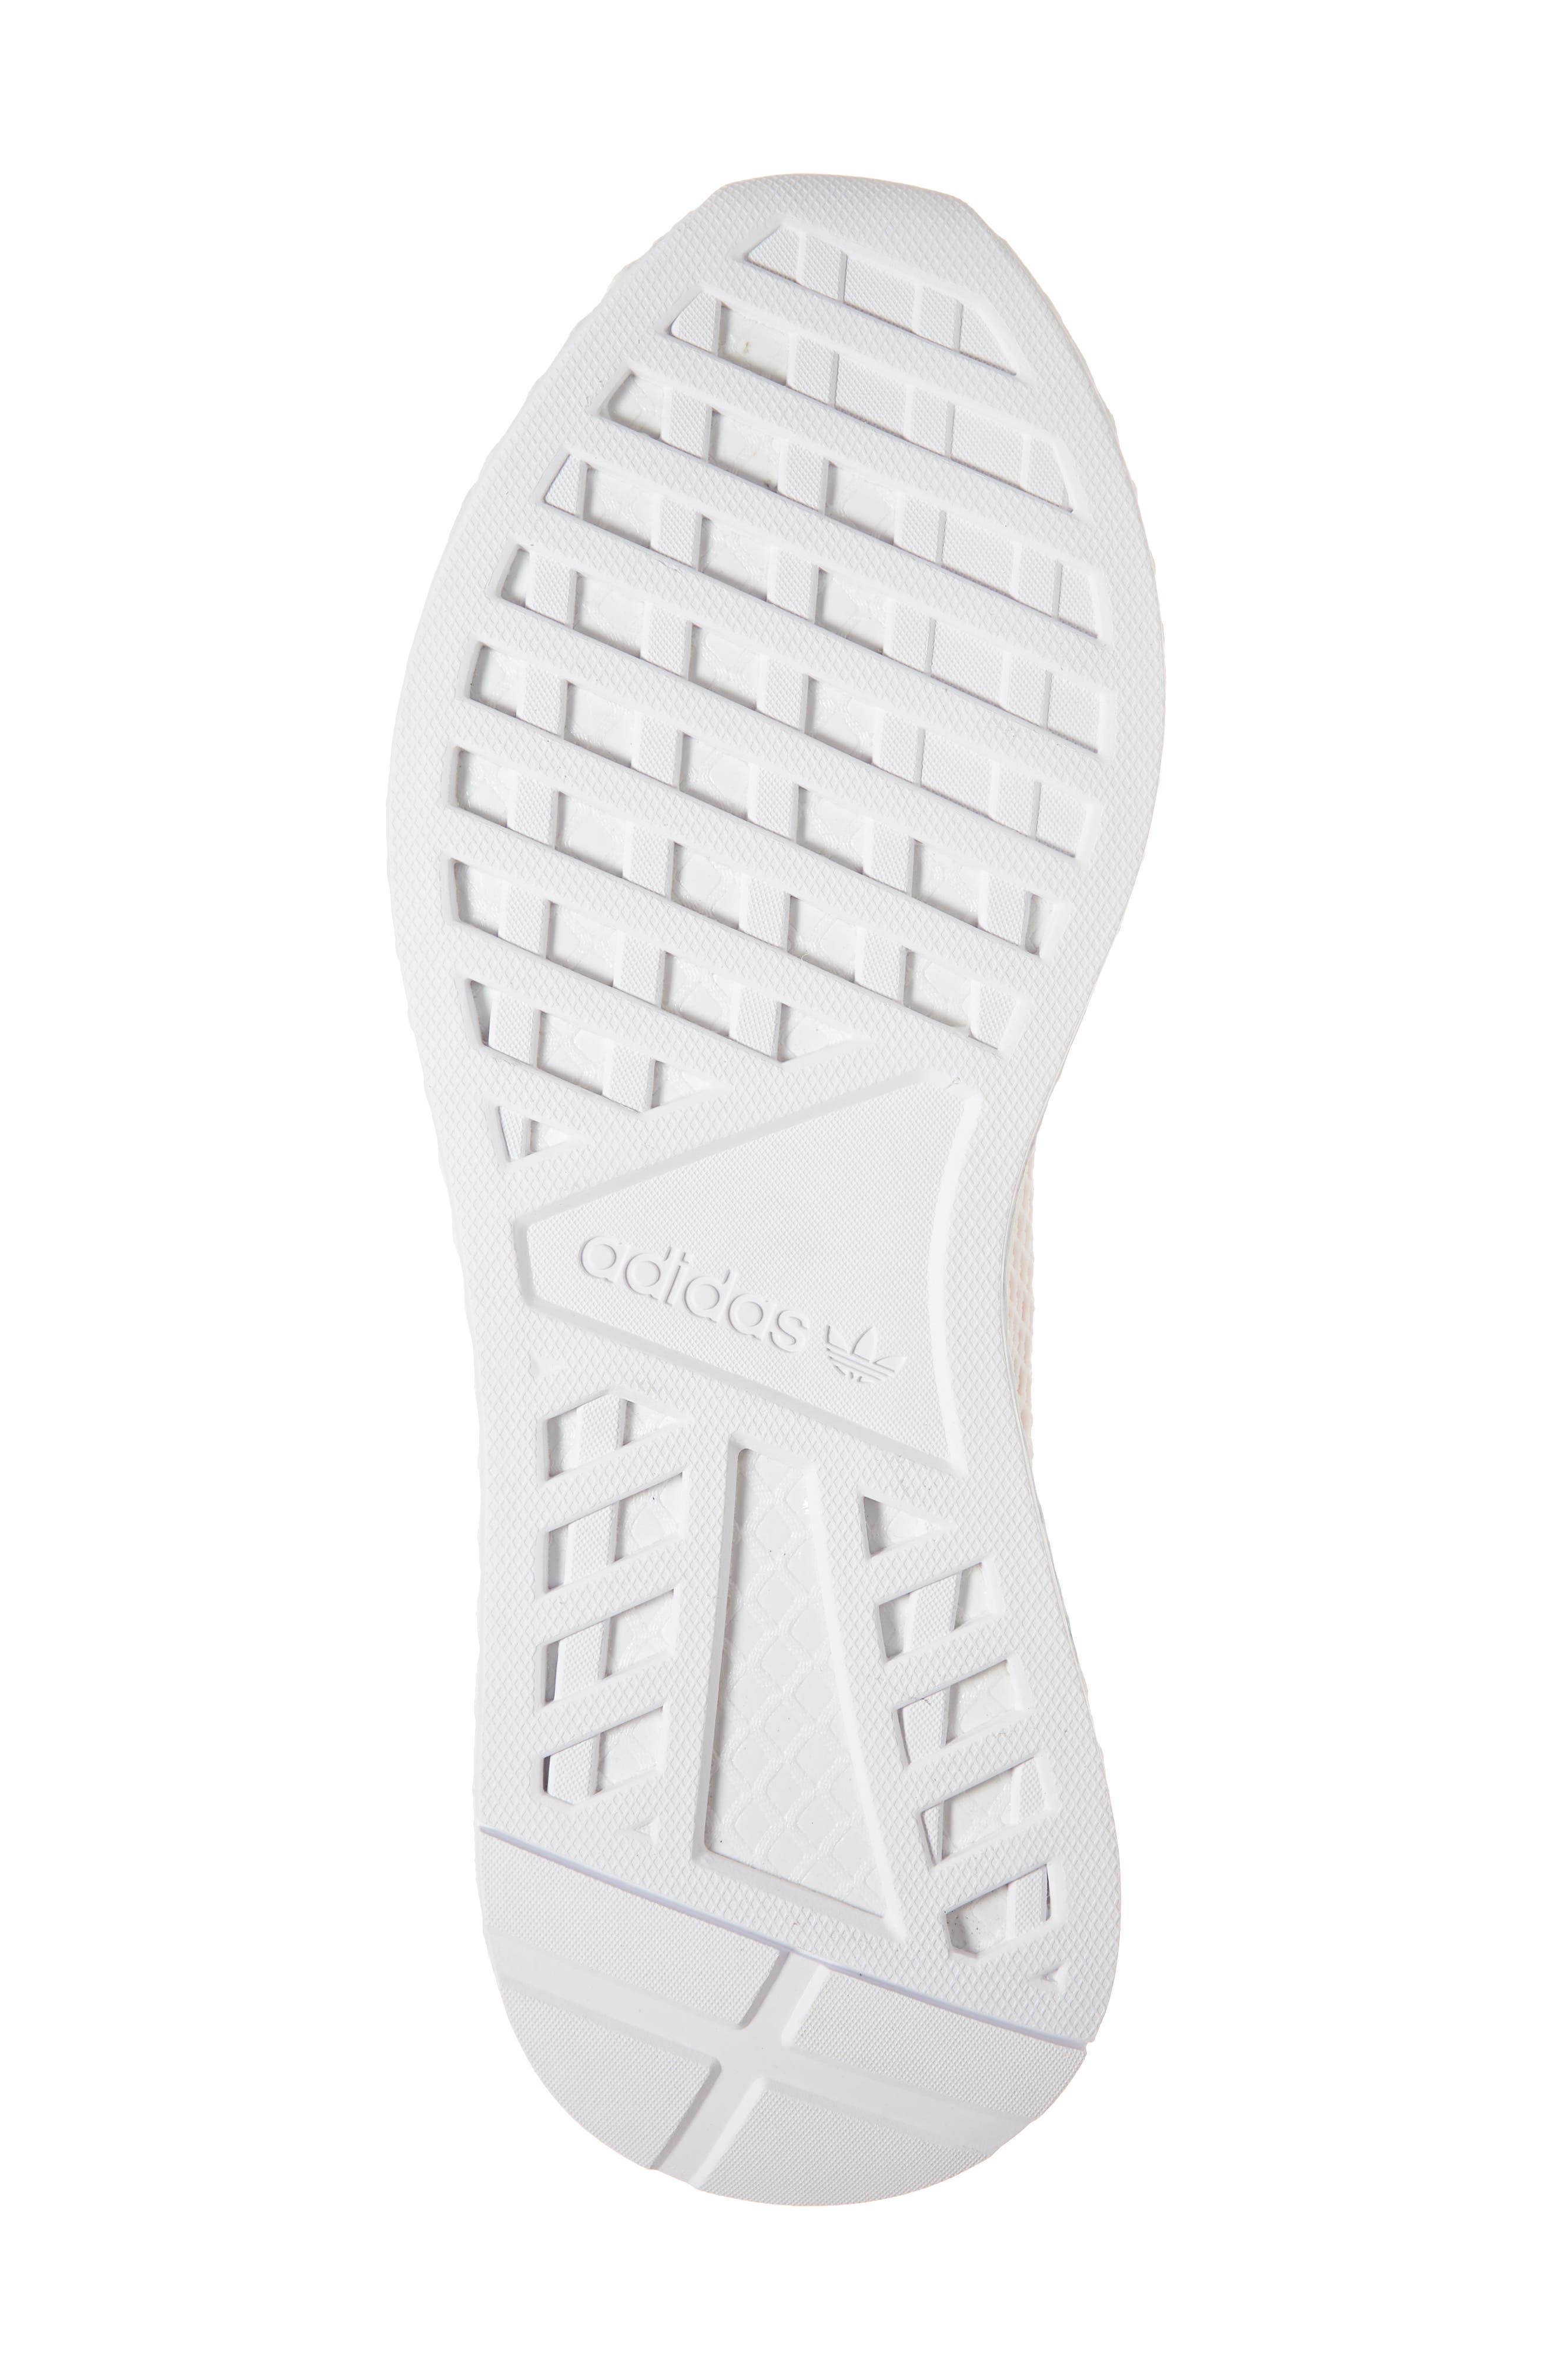 Deerupt Runner Sneaker,                             Alternate thumbnail 6, color,                             Black/ Black/ White